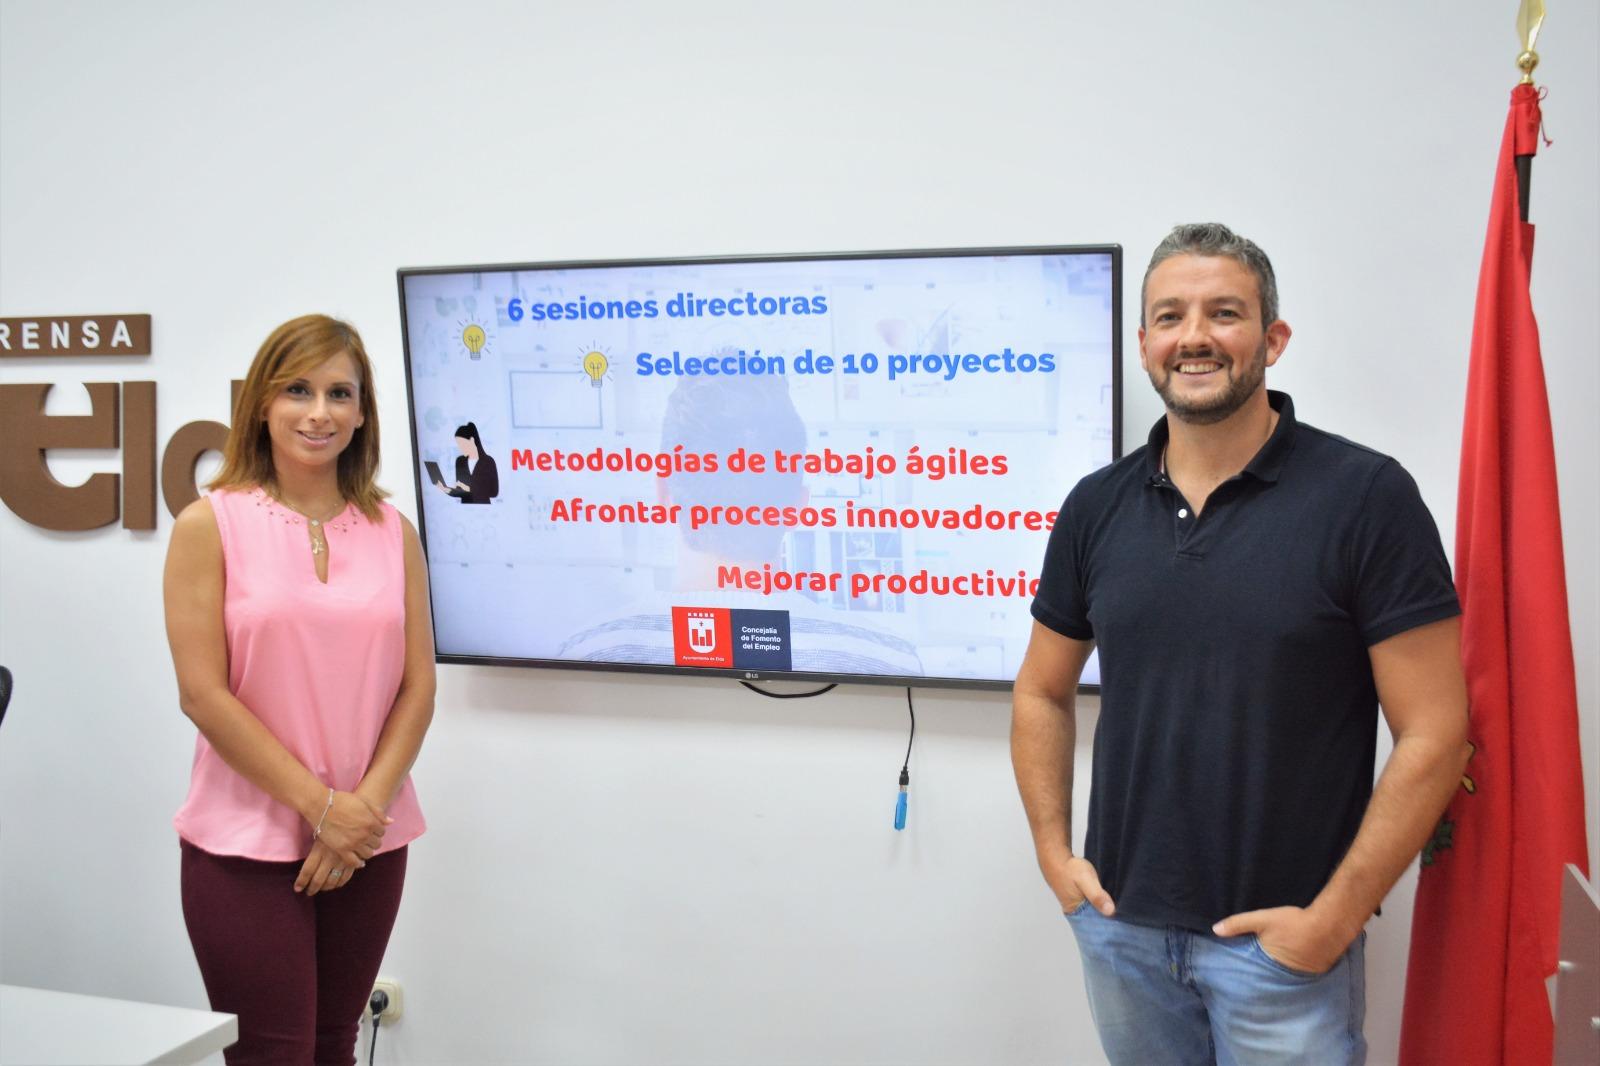 El Ayuntamiento de Elda presenta un programa de formación para emprendedores y pymes